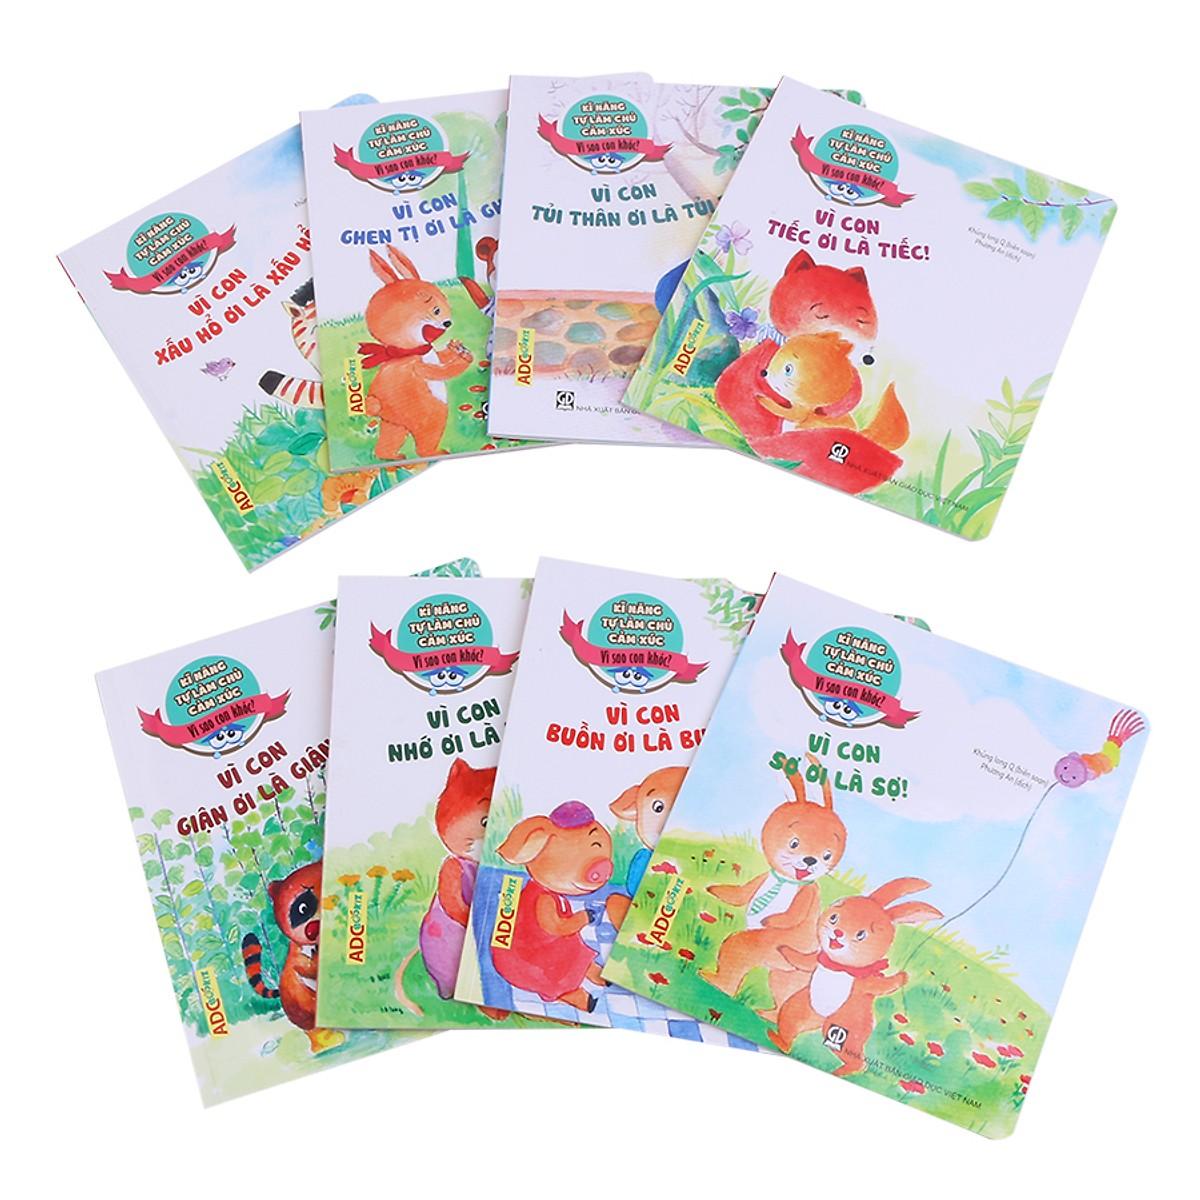 Sách thiếu nhi: Kỹ Năng Làm Chủ Cảm Xúc (Bộ 8 cuốn) - Tặng kèm poster An Toàn Cho Con Yêu